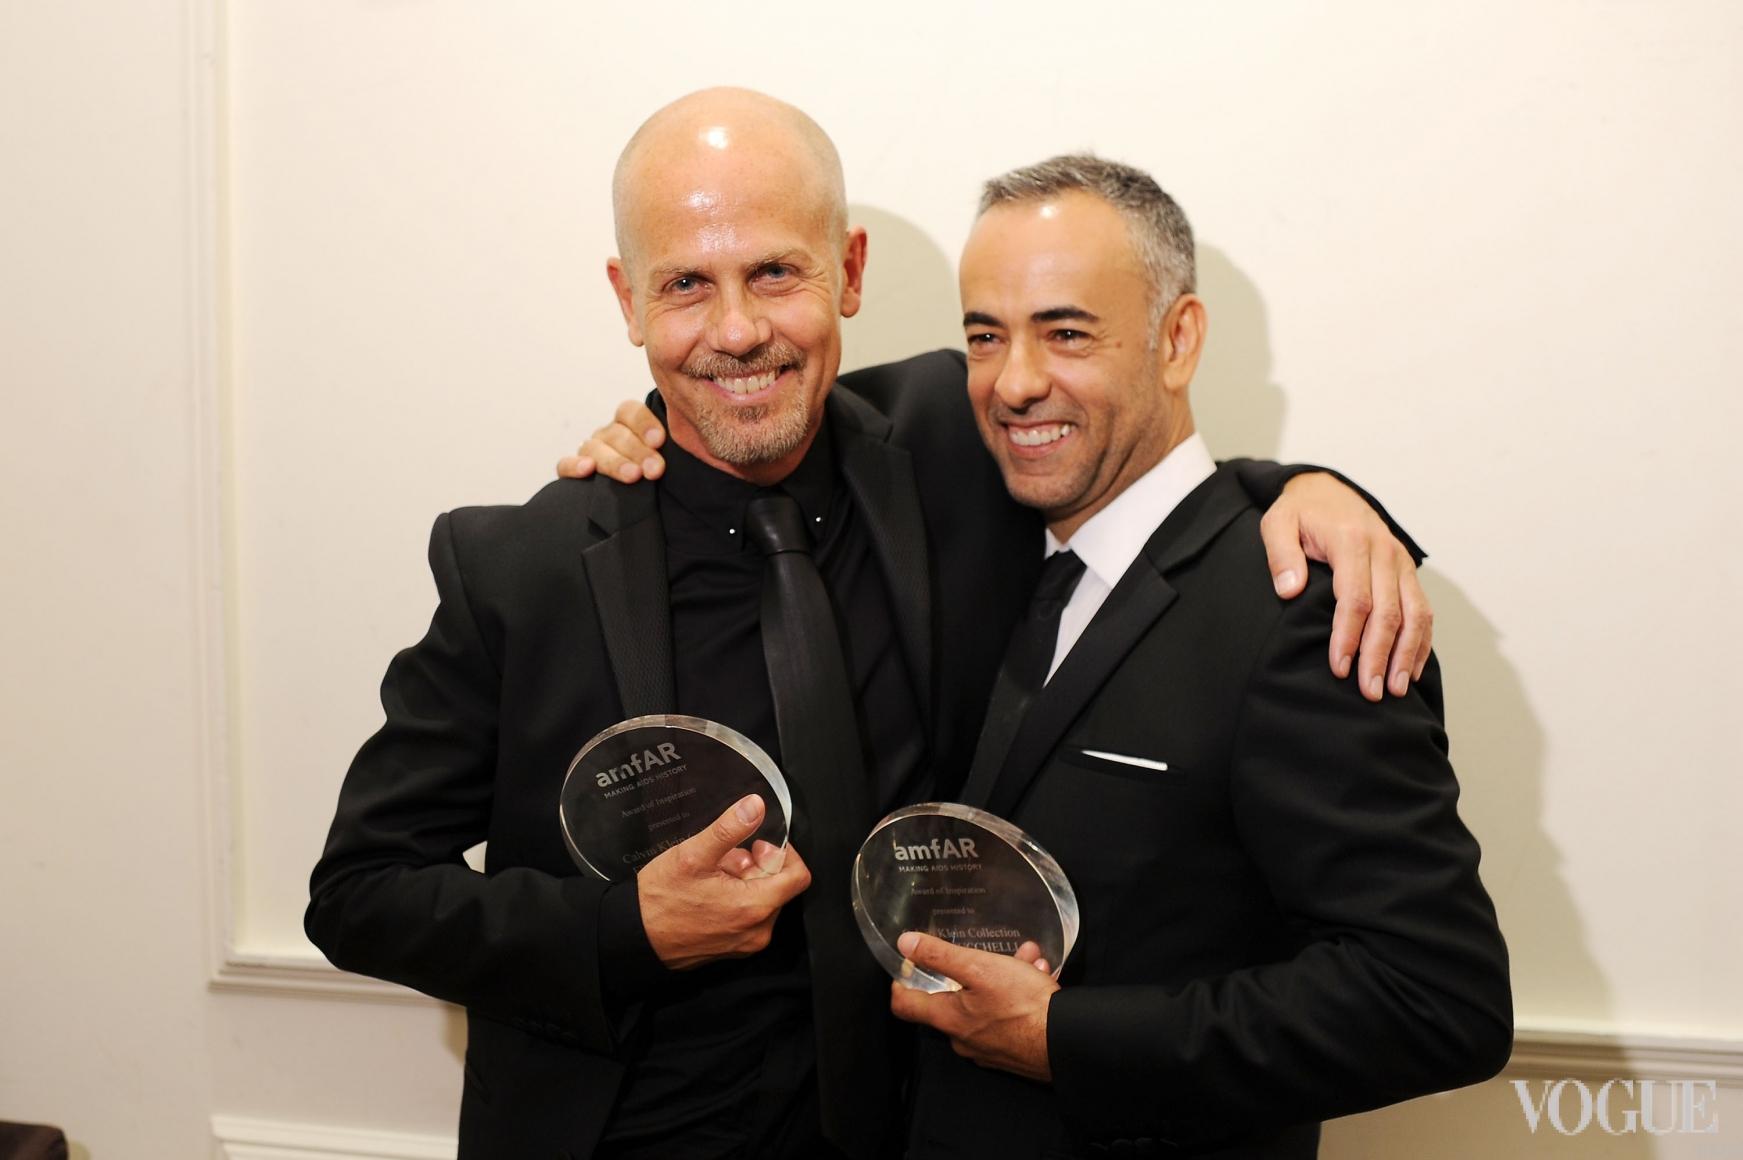 Итало Цуккелли и Франциско Коста